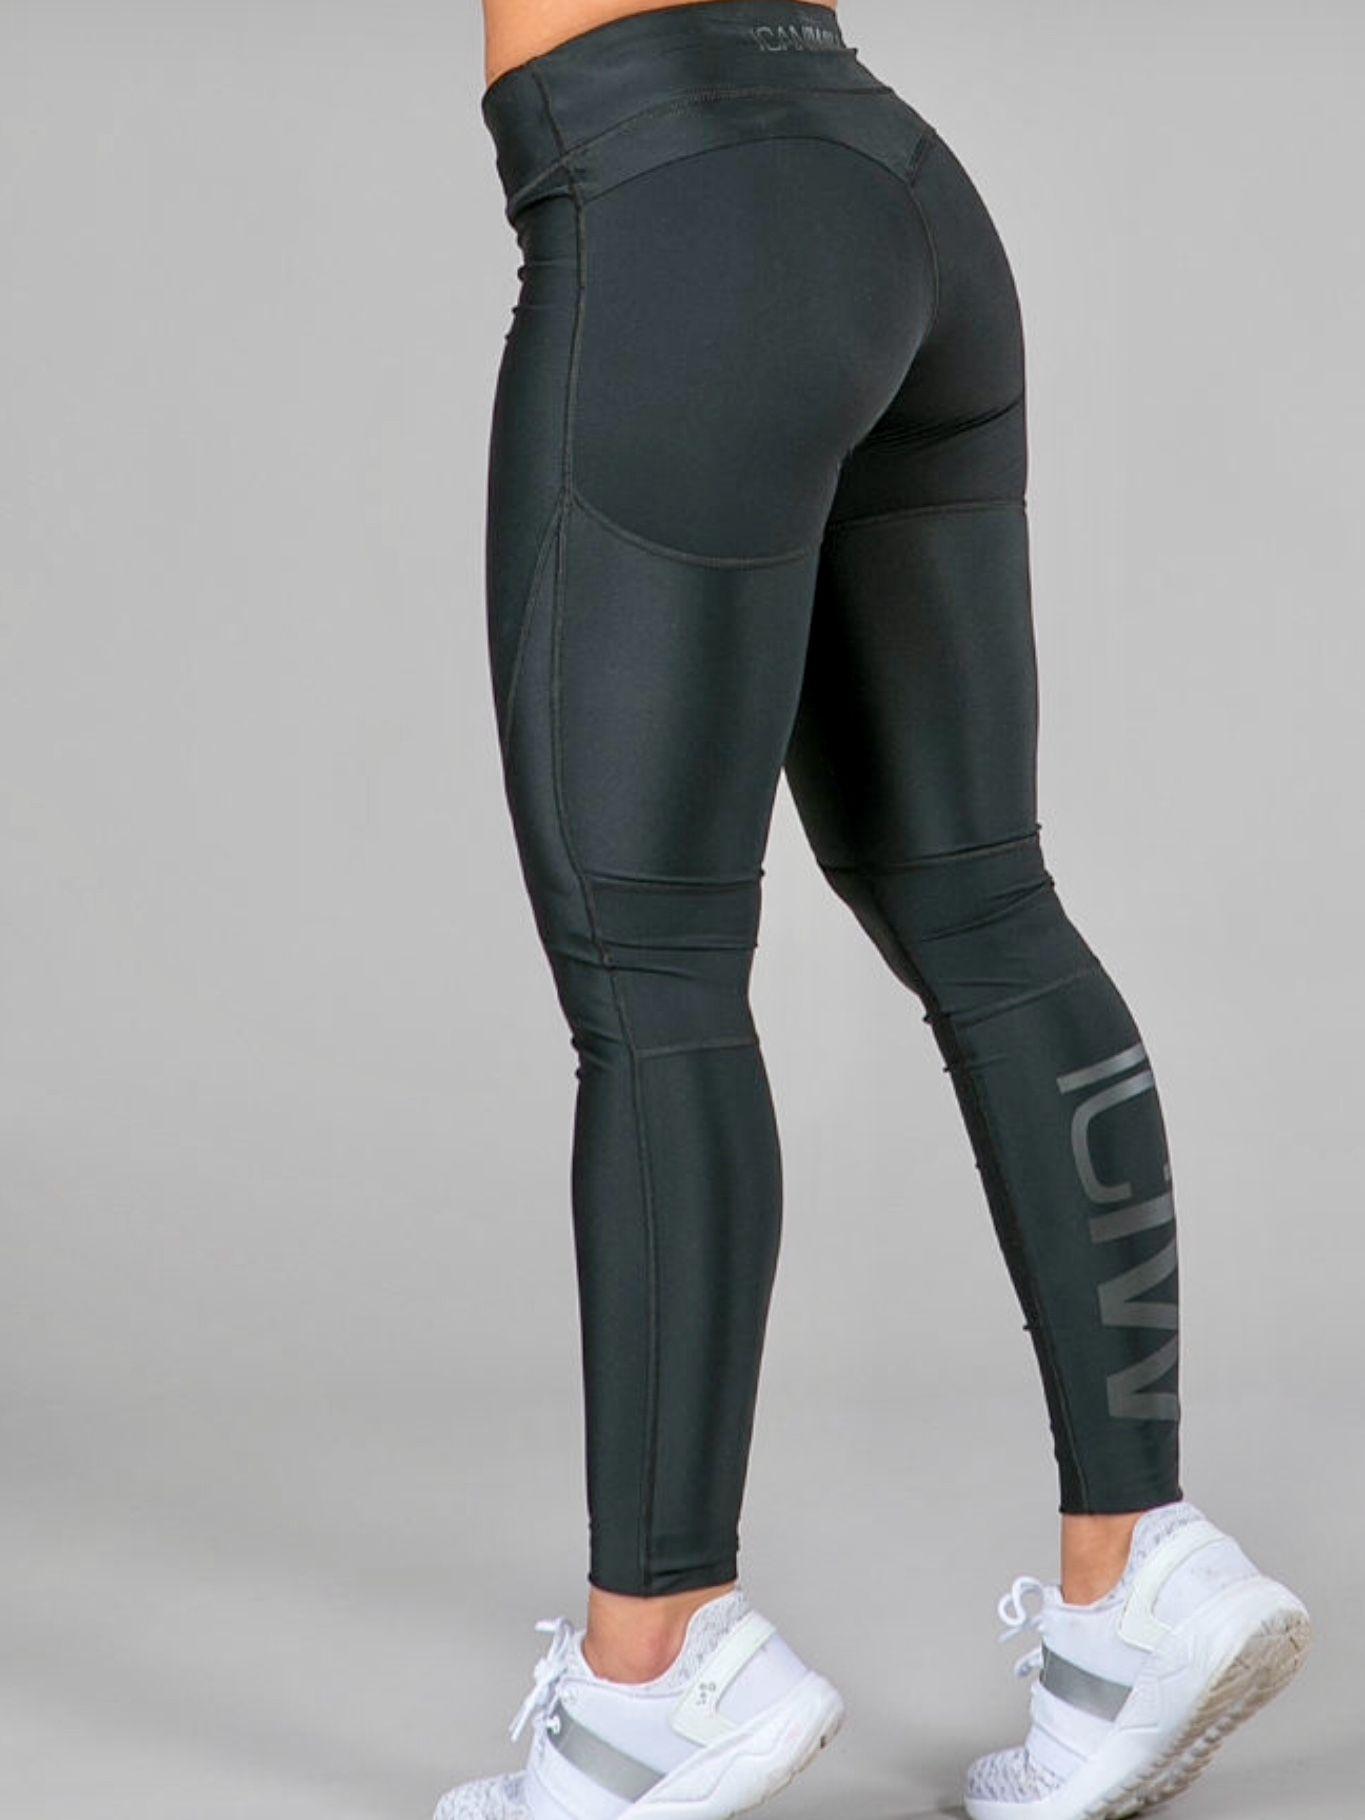 da701988b19 ICIW Shape legging - love these!